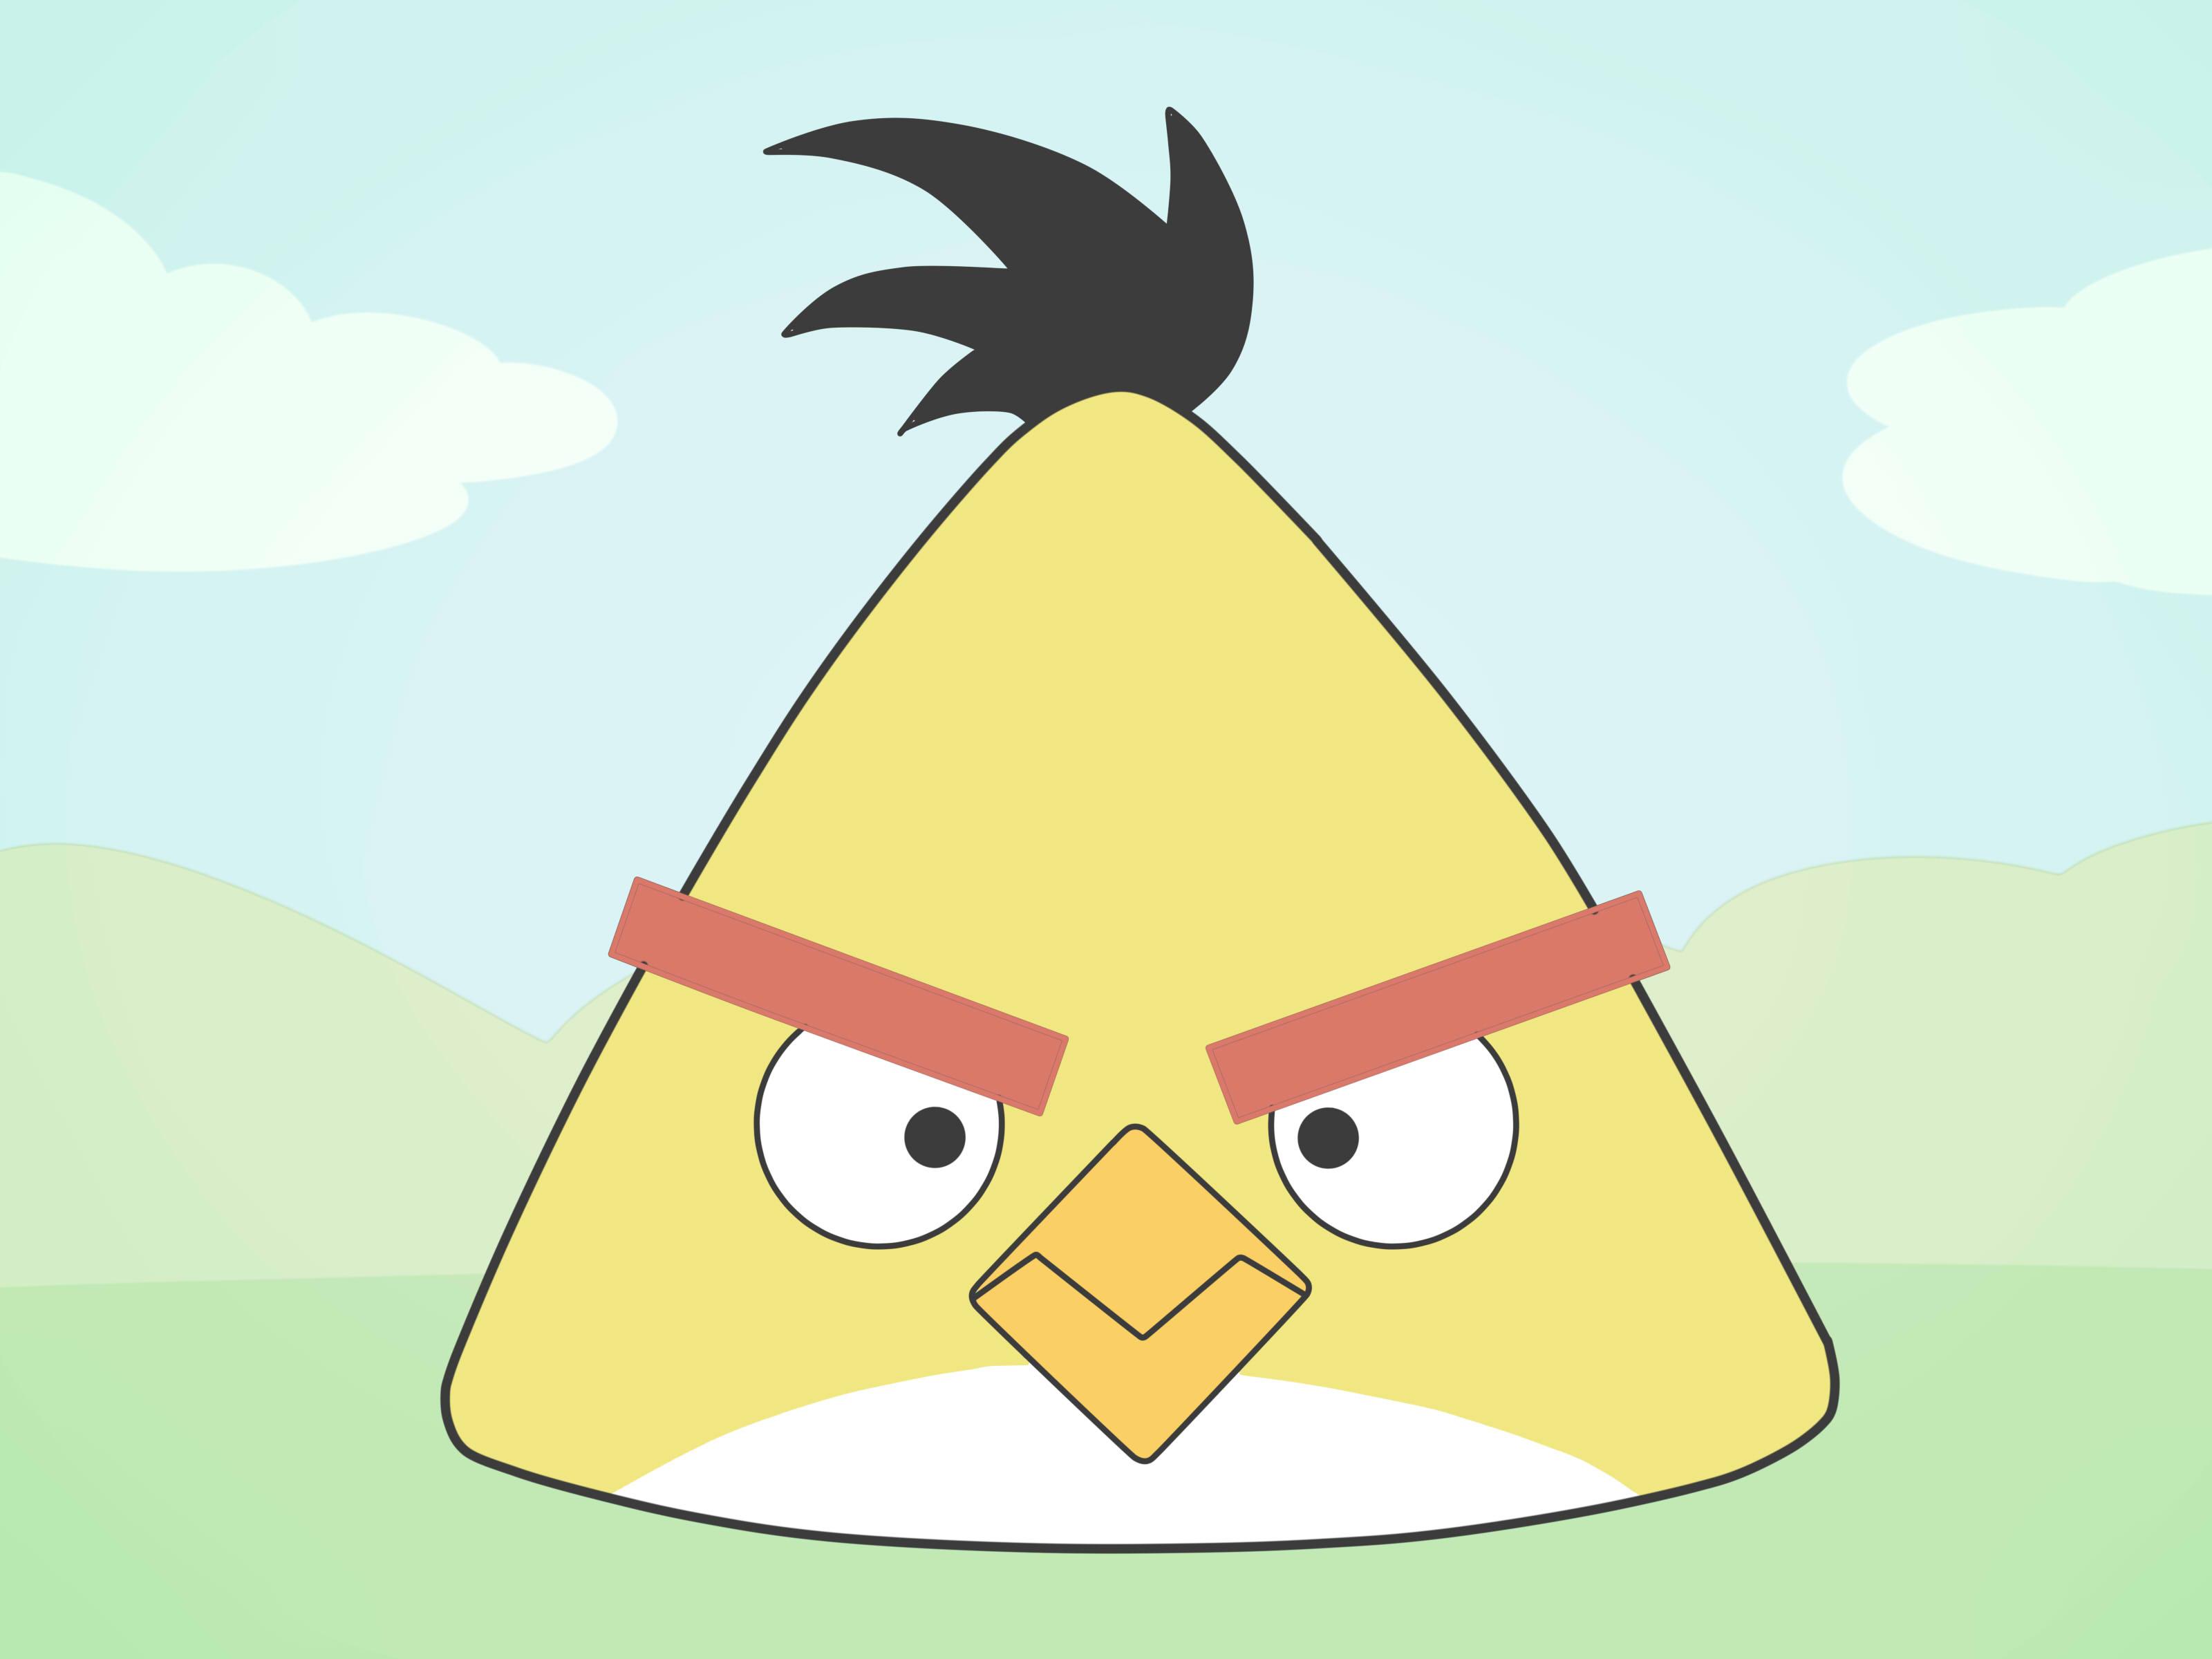 dessin de angry birds